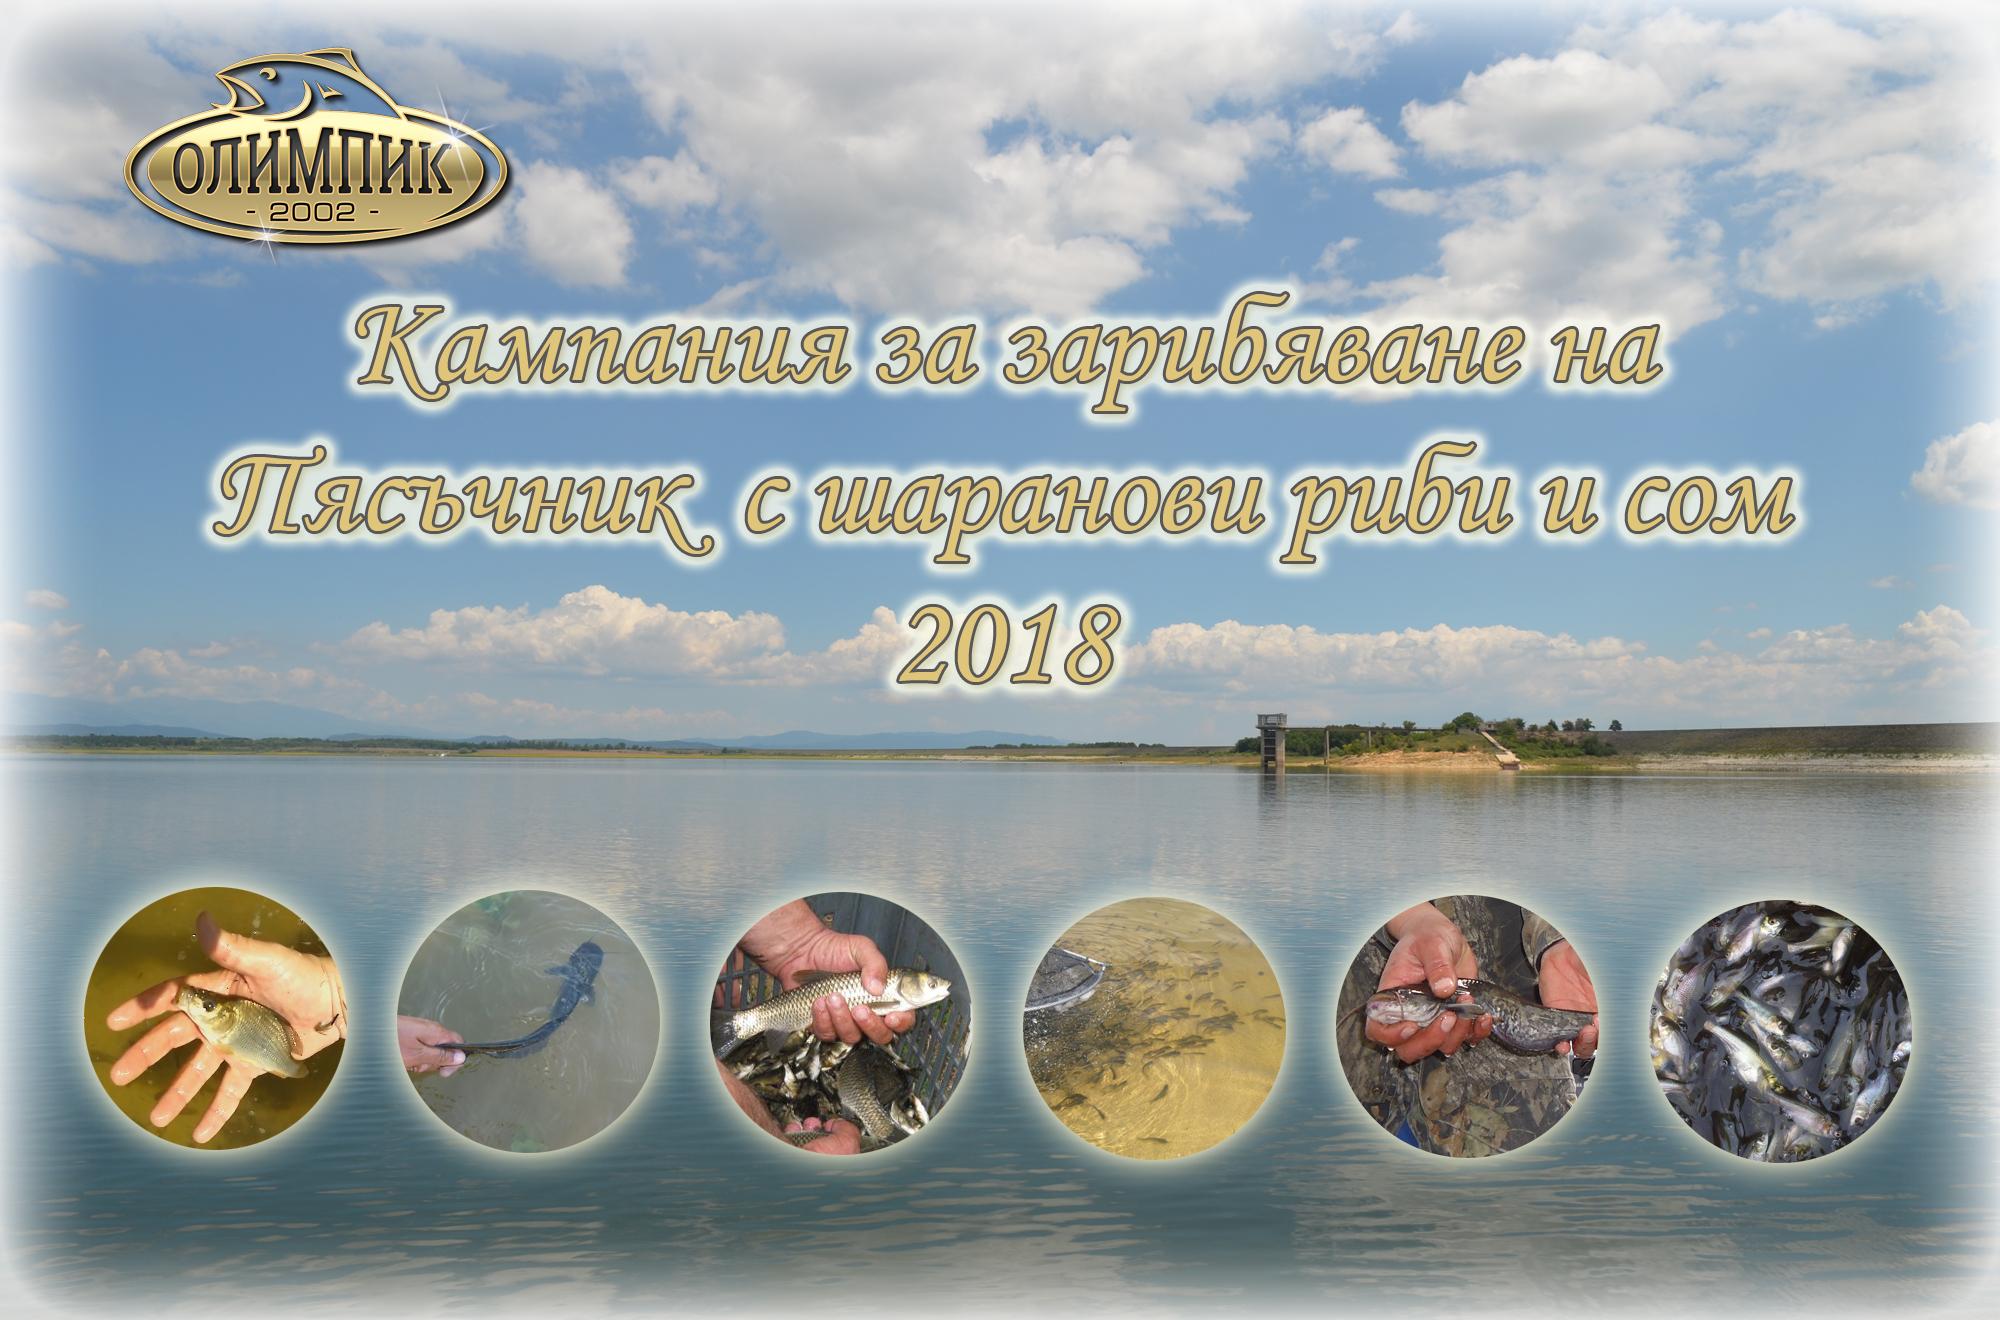 Дарителска кампания за зарибяване на Пясъчник с шаранови риби и сом 2018